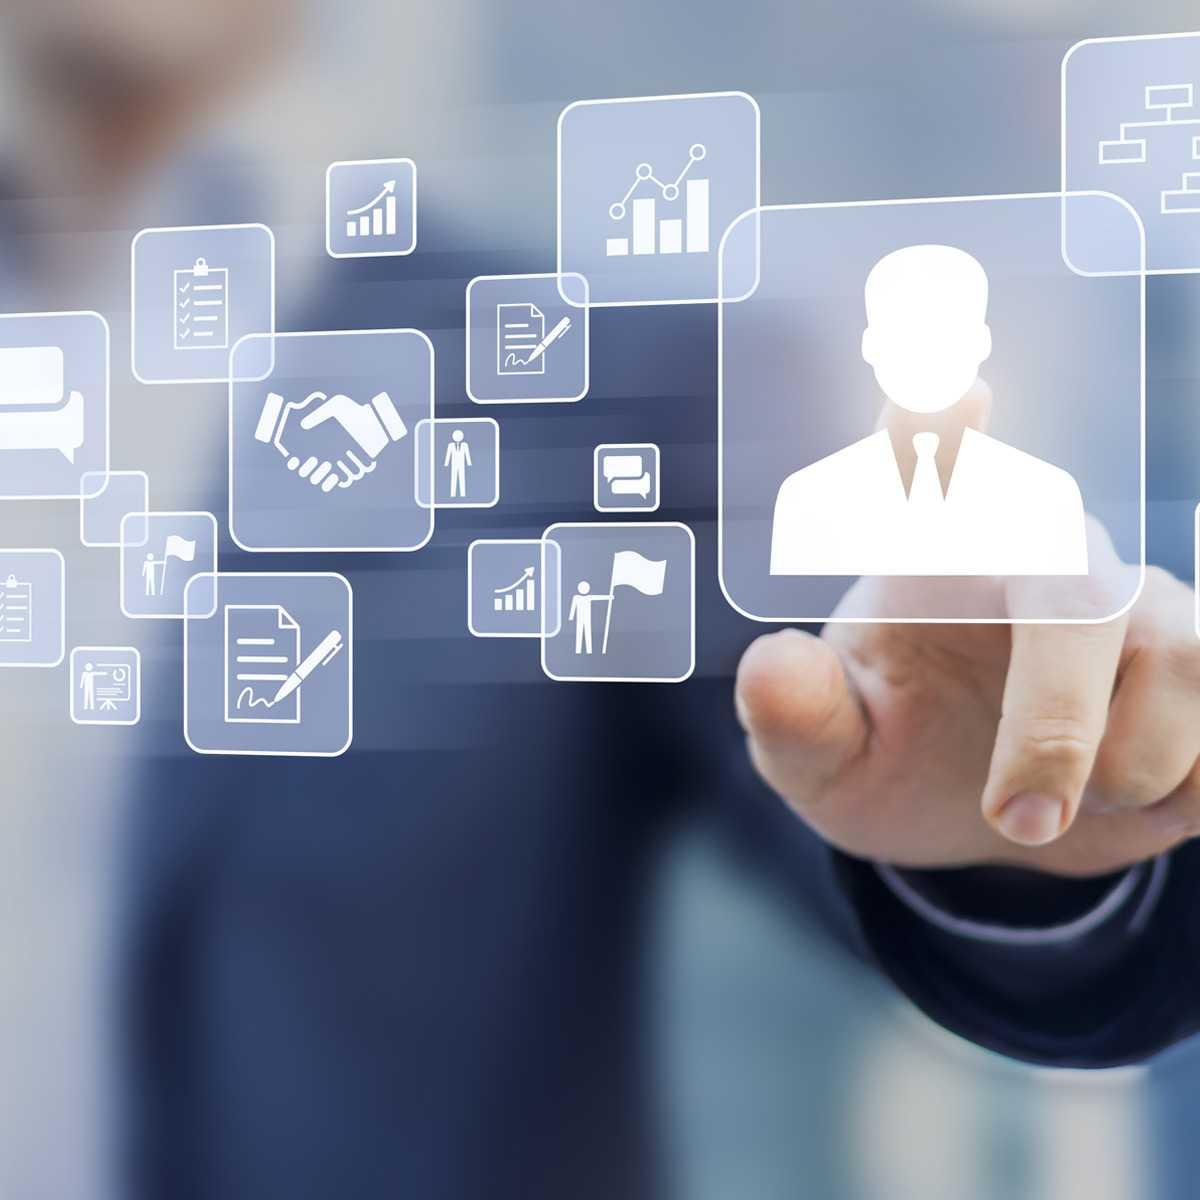 Ticari Elektronik İletilerin Yeni Dönemi- İleti Yönetim Sistemi'ne Geçiş Süreci